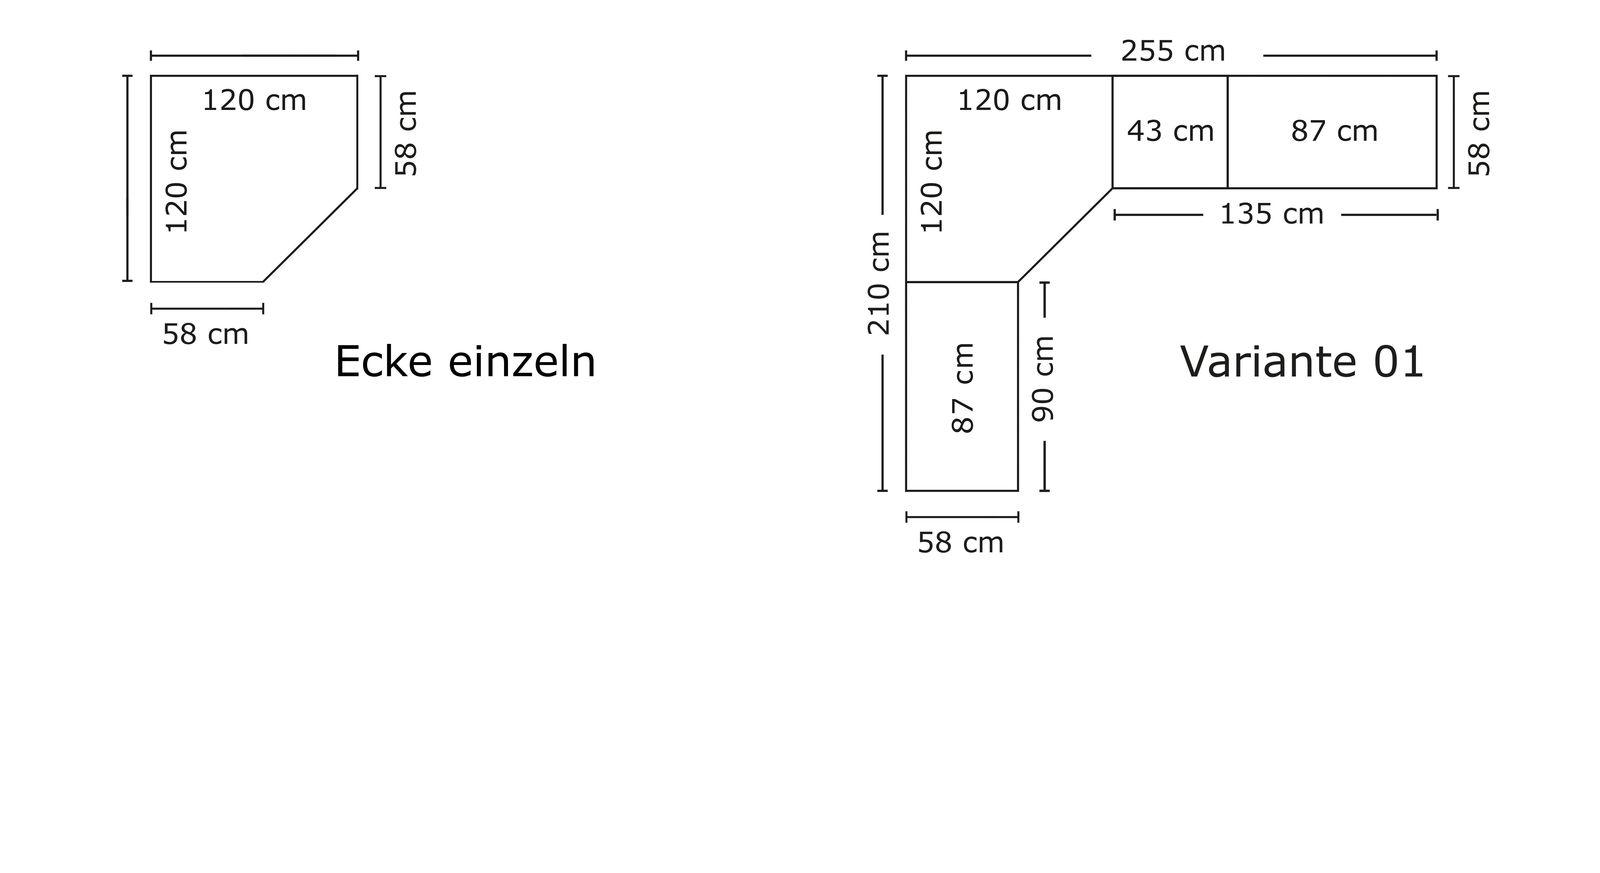 Grafik zur Breitenansicht vom Eck-Kleiderschrank Esperia